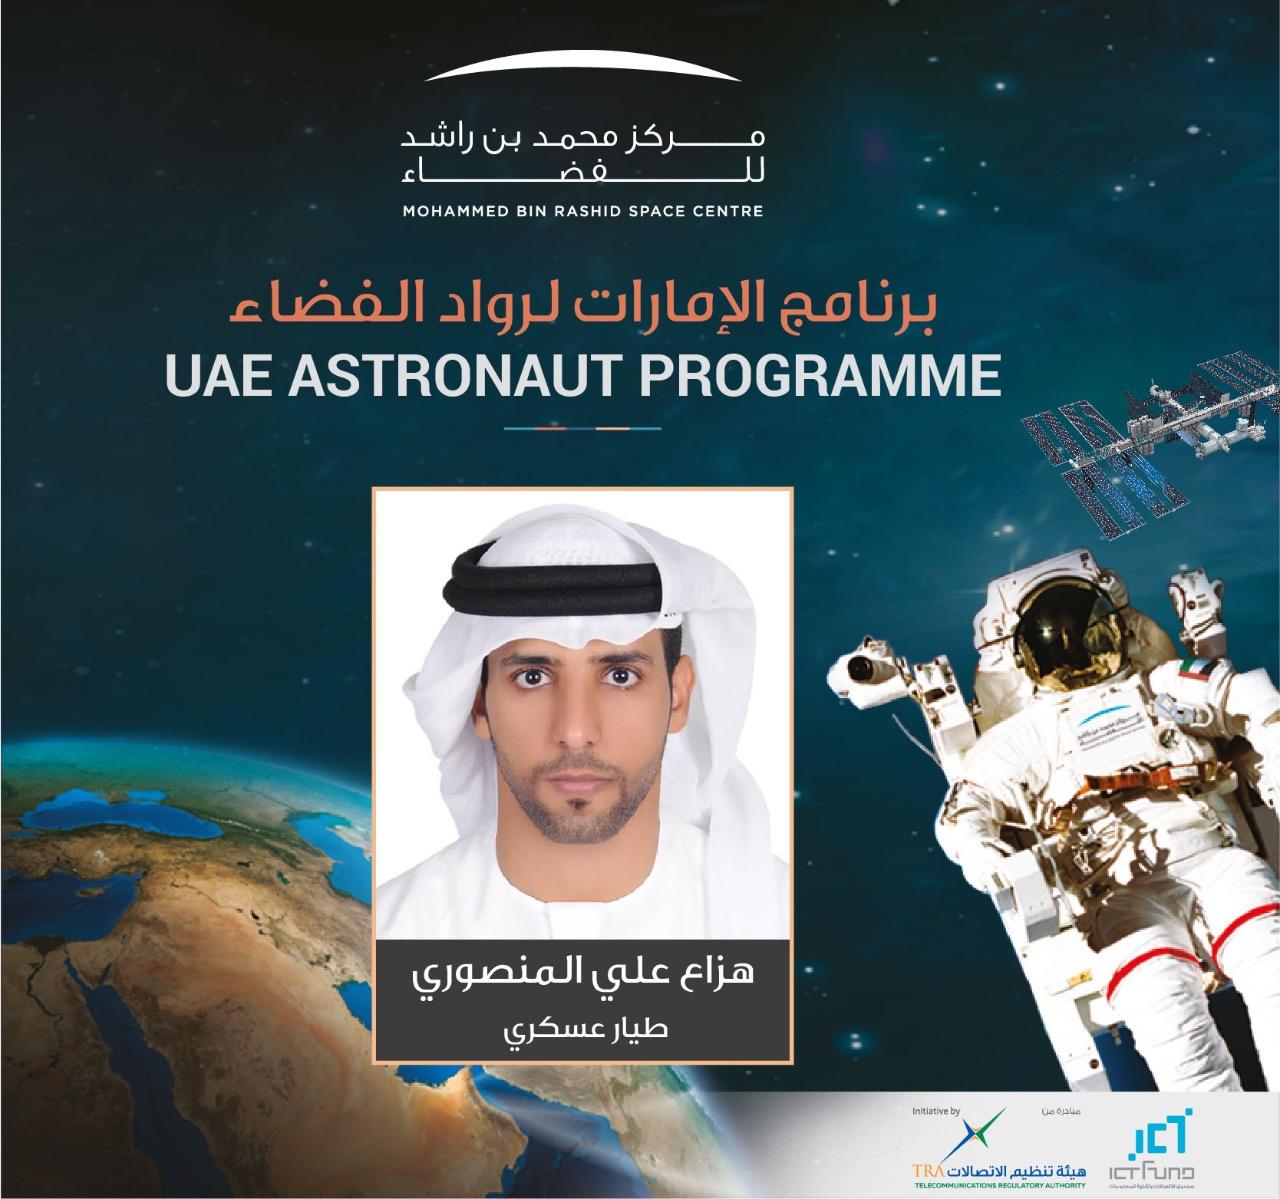 في إنجاز تاريخي.. الإمارات تعلن عن أول رائدي فضاء عرب إلى محطة الفضاء الدولية. 2